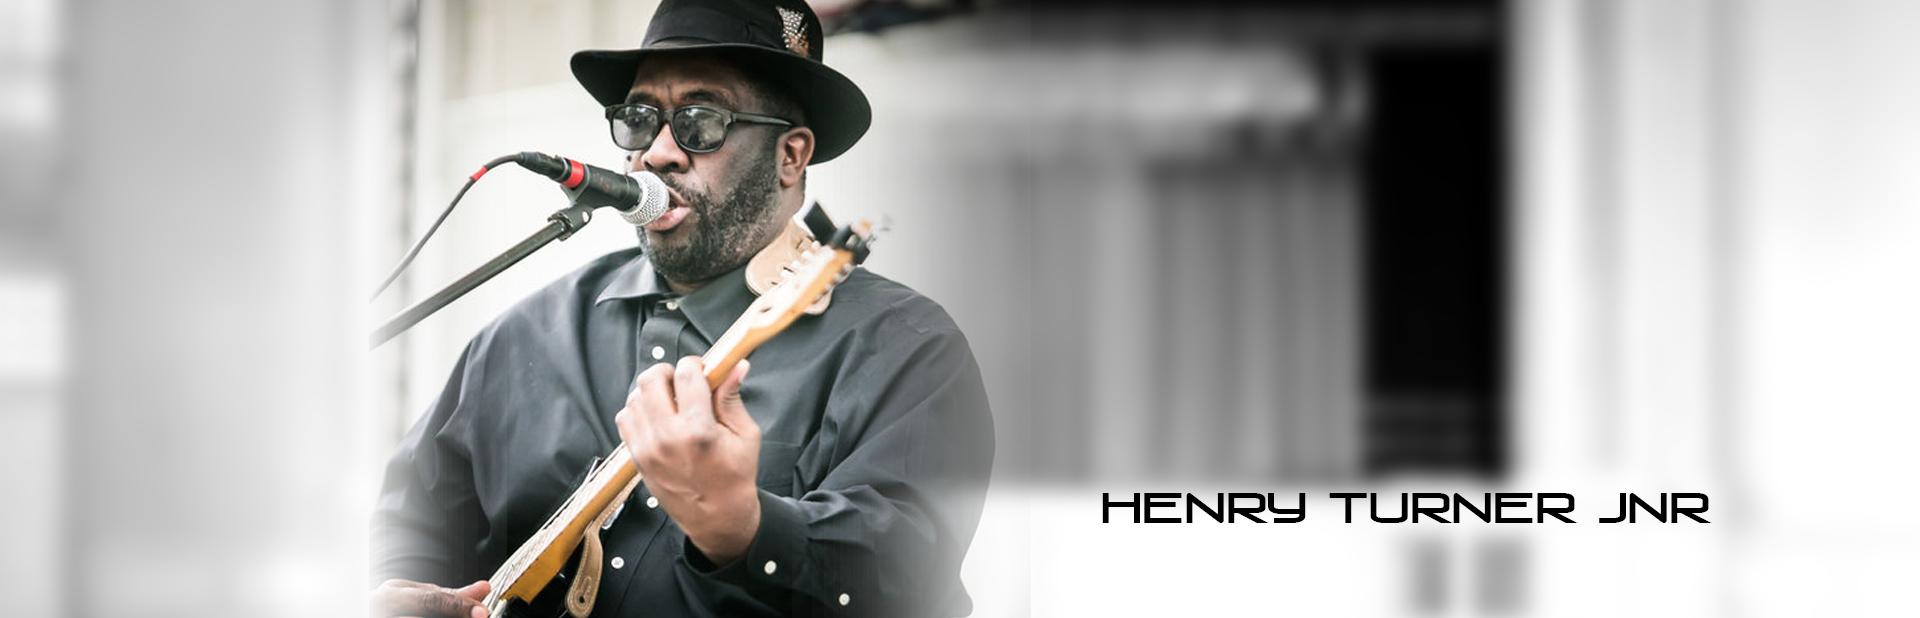 Henry-turnerjnr-3